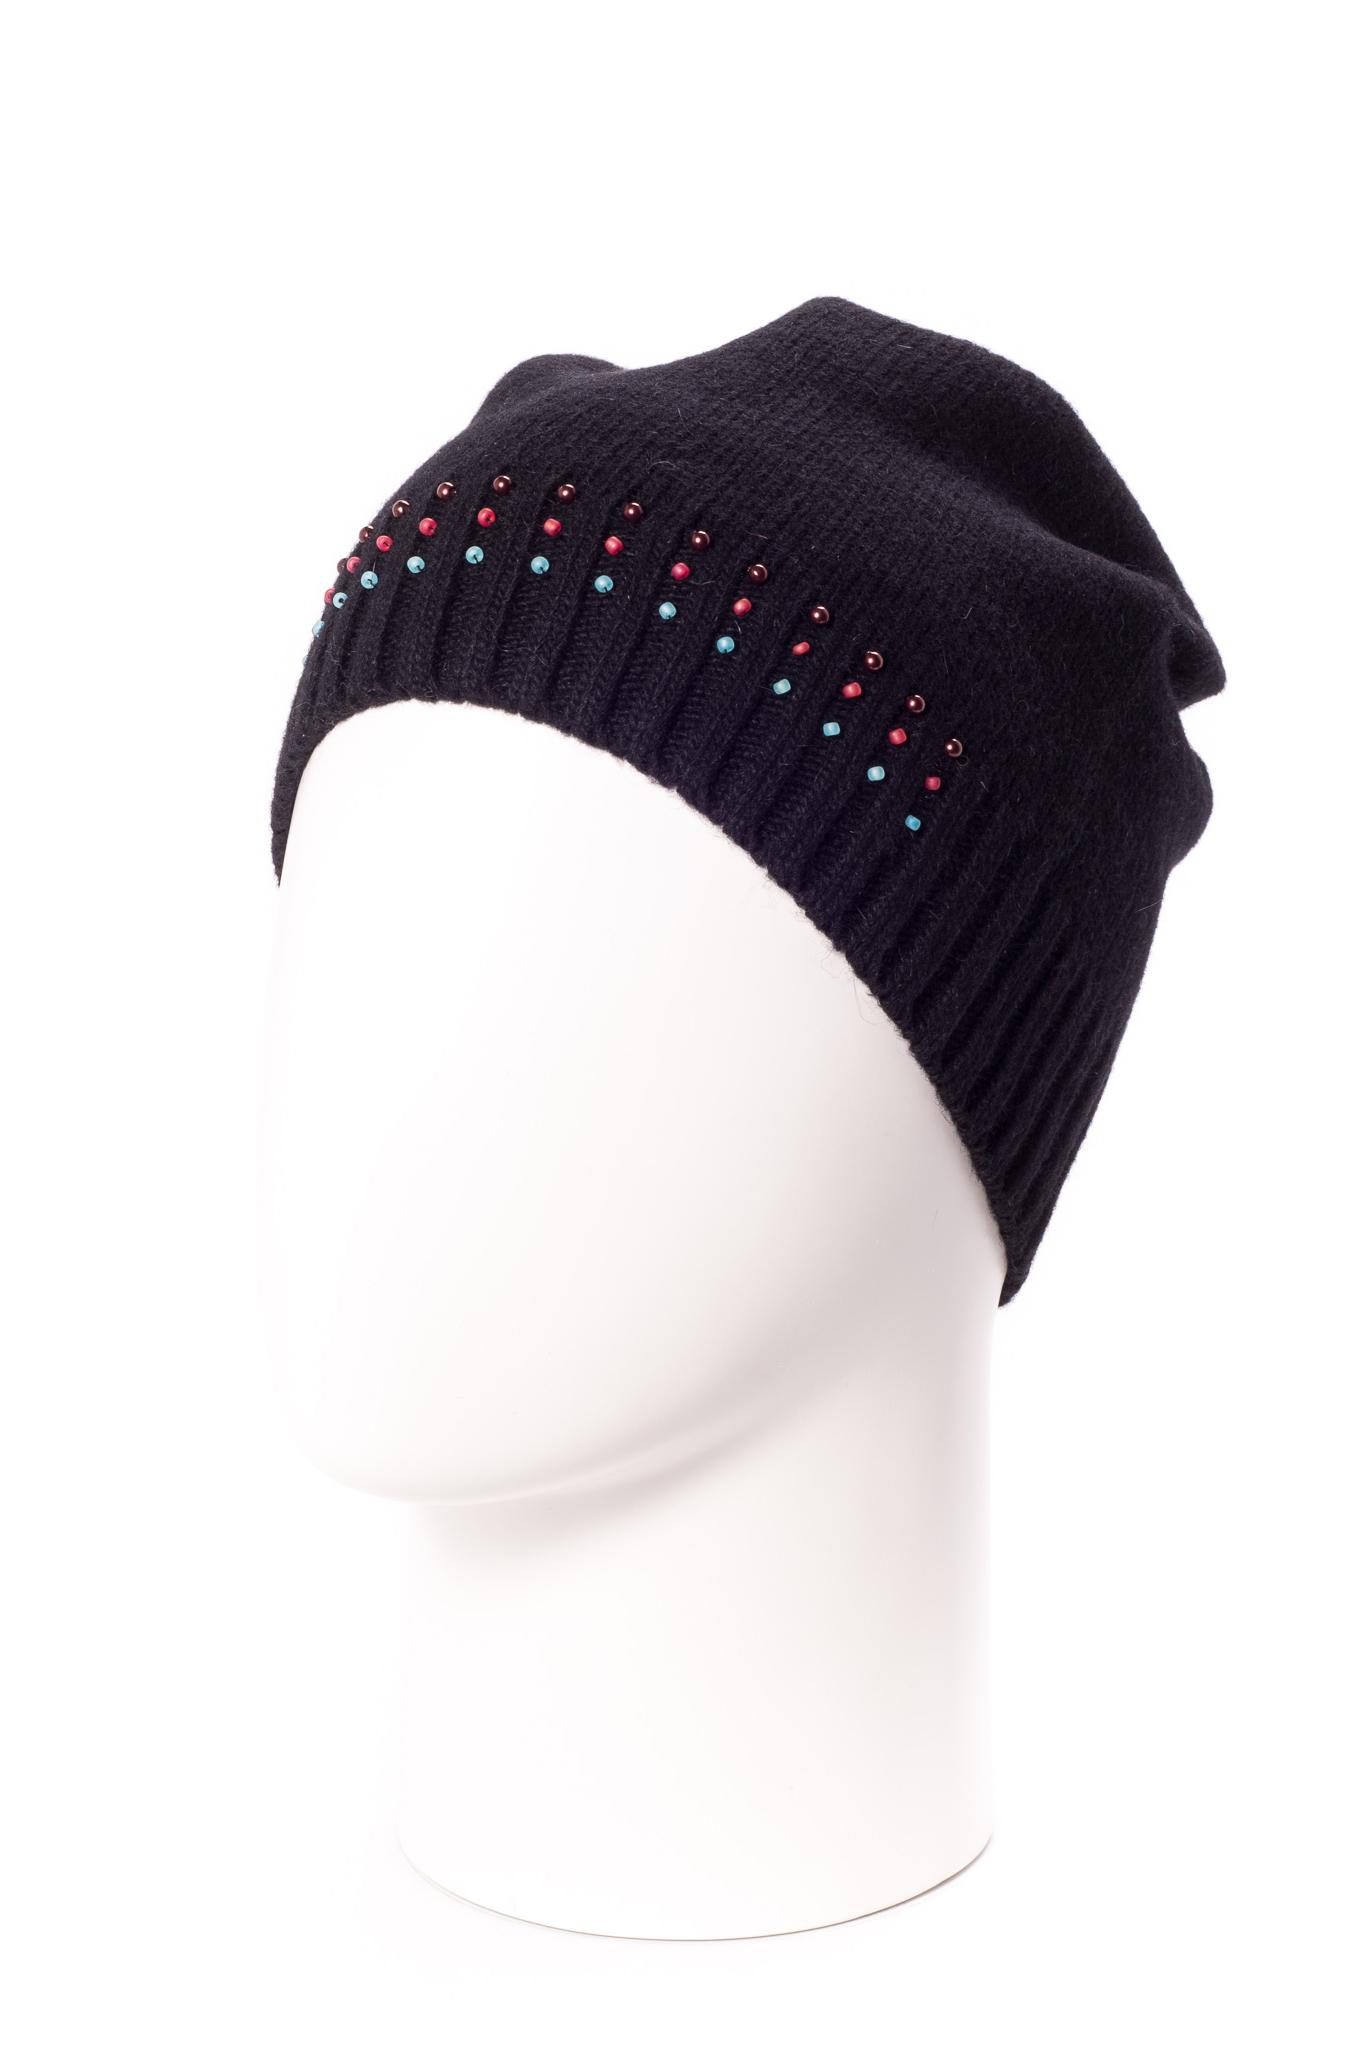 ШапкаШапки<br>Стильная шапка защитит Вас от непогоды и станет прекрасным дополнением Вашего образа.  В изделии использованы цвета: черный<br><br>По материалу: Вязаные<br>По рисунку: Однотонные<br>По элементам: С декором<br>По сезону: Зима<br>Размер : universal<br>Материал: Вязаное полотно<br>Количество в наличии: 1